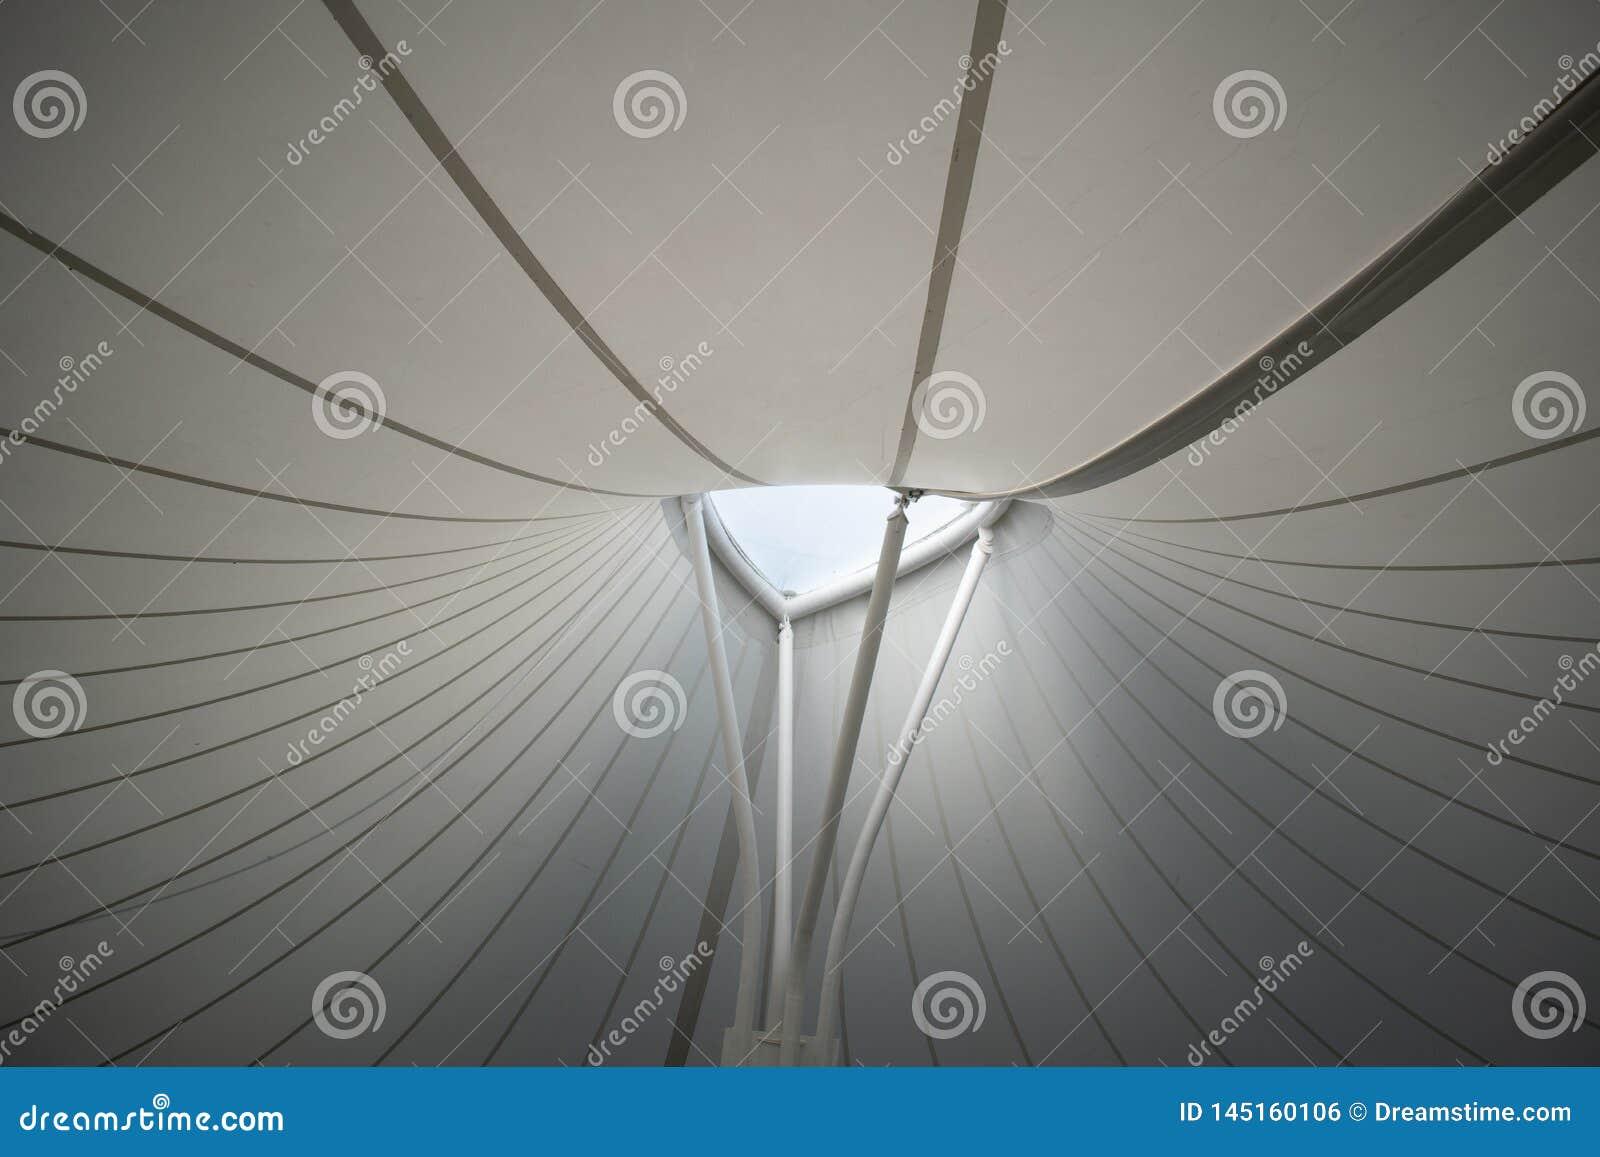 Teto de uma estrutura moderna